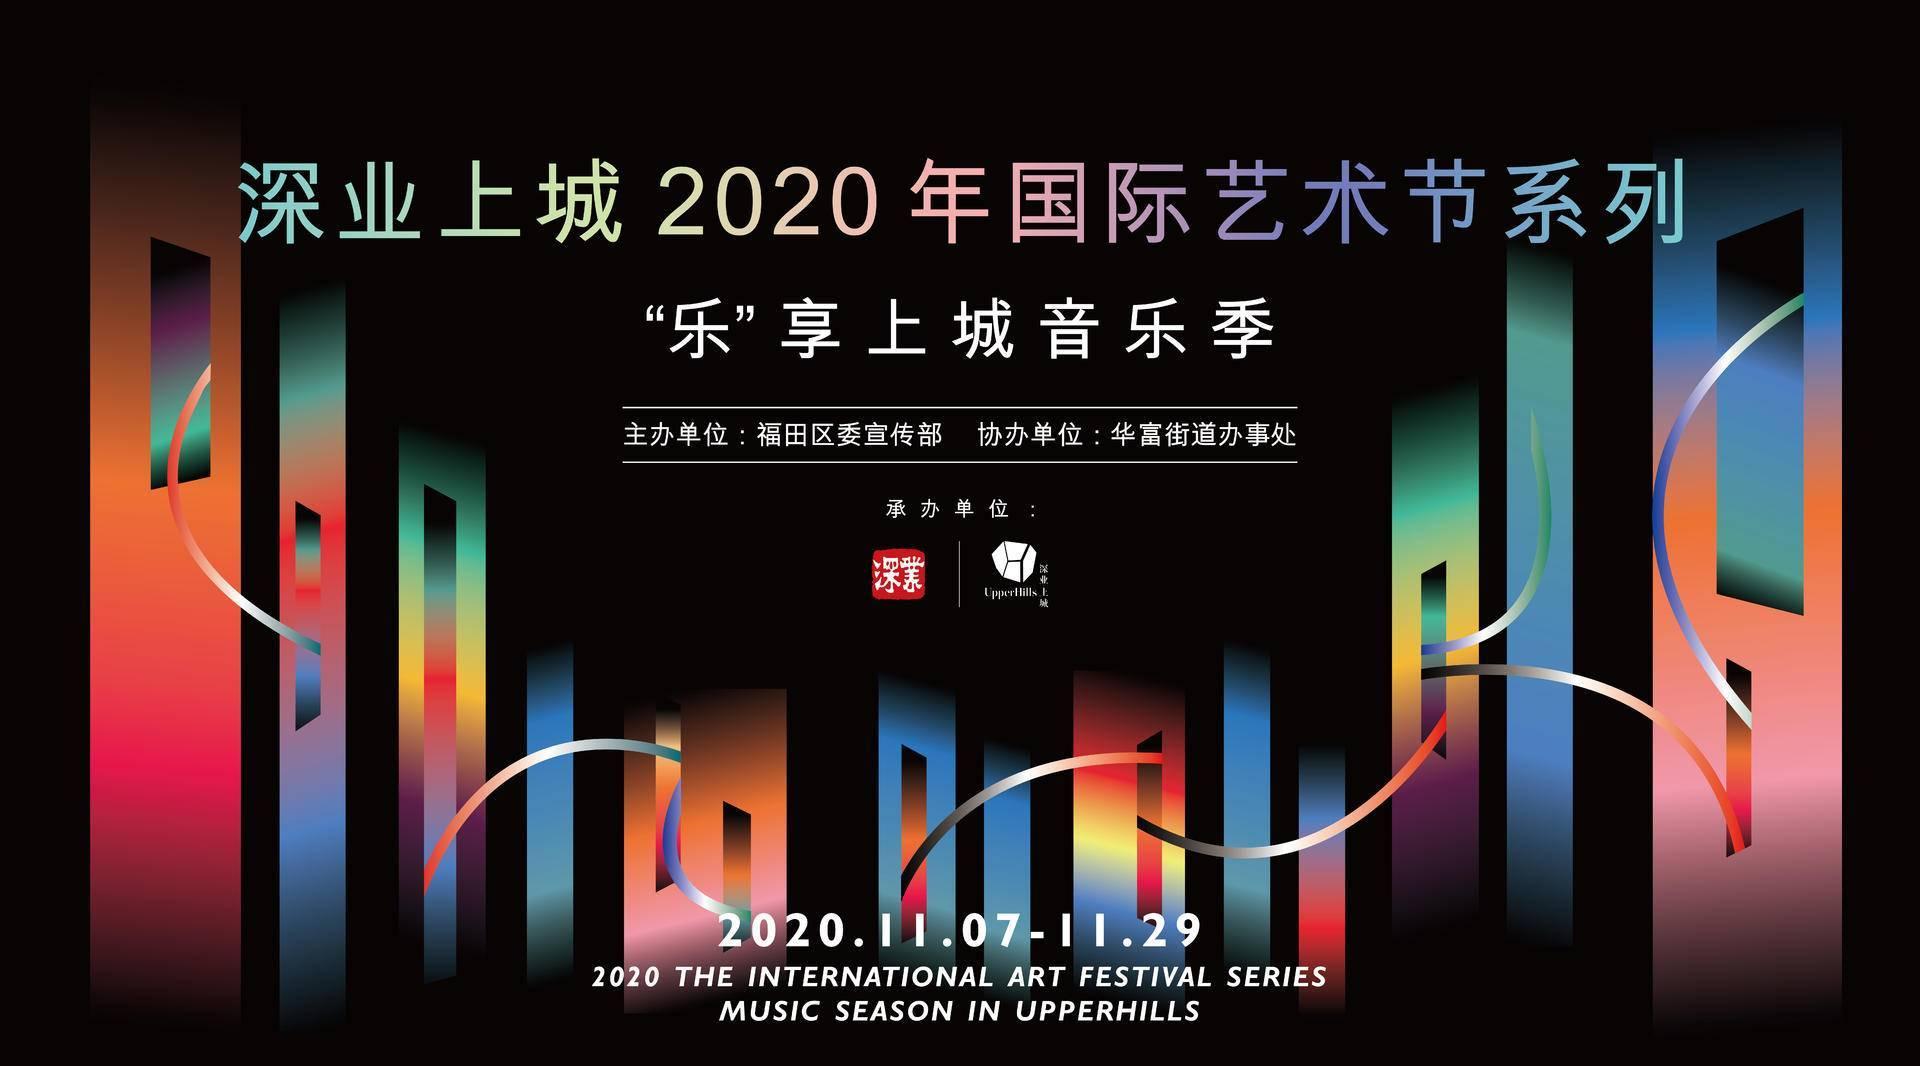 全明星阵容惊喜助阵,燃爆深业上城2020国际艺术节